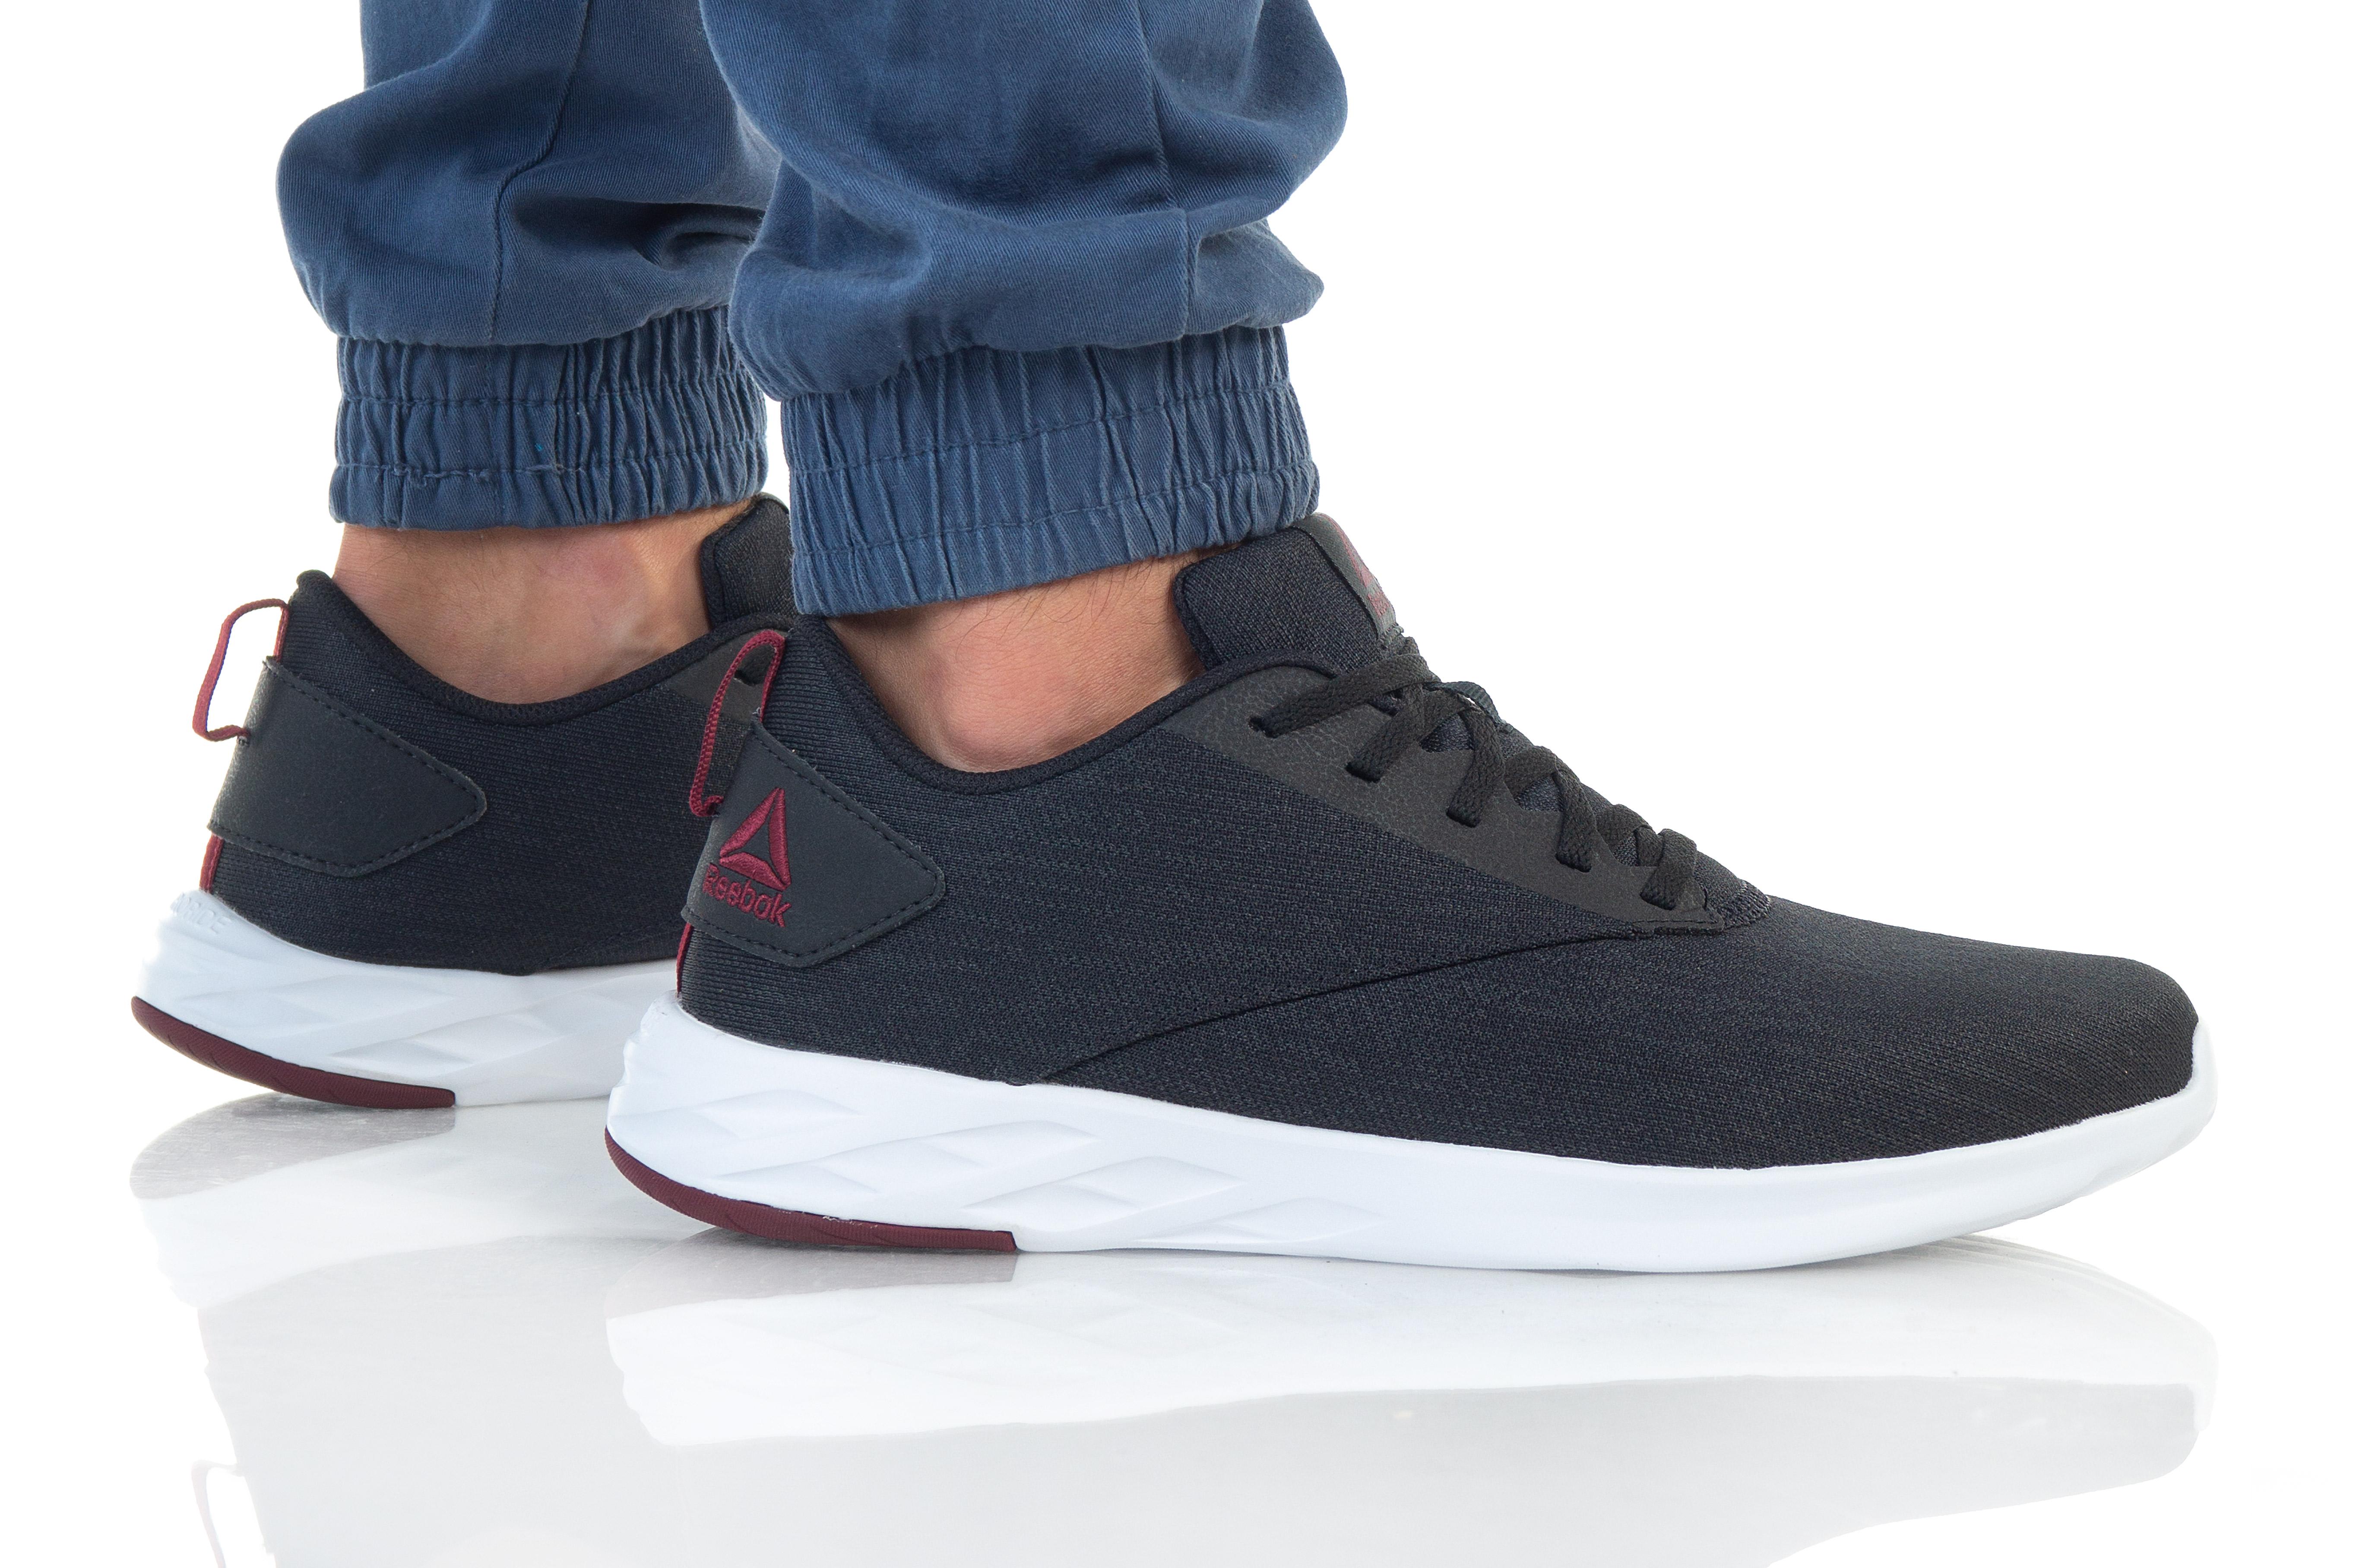 נעליים ריבוק לגברים Reebok ASTRORIDE SOUL 2.0 - שחור